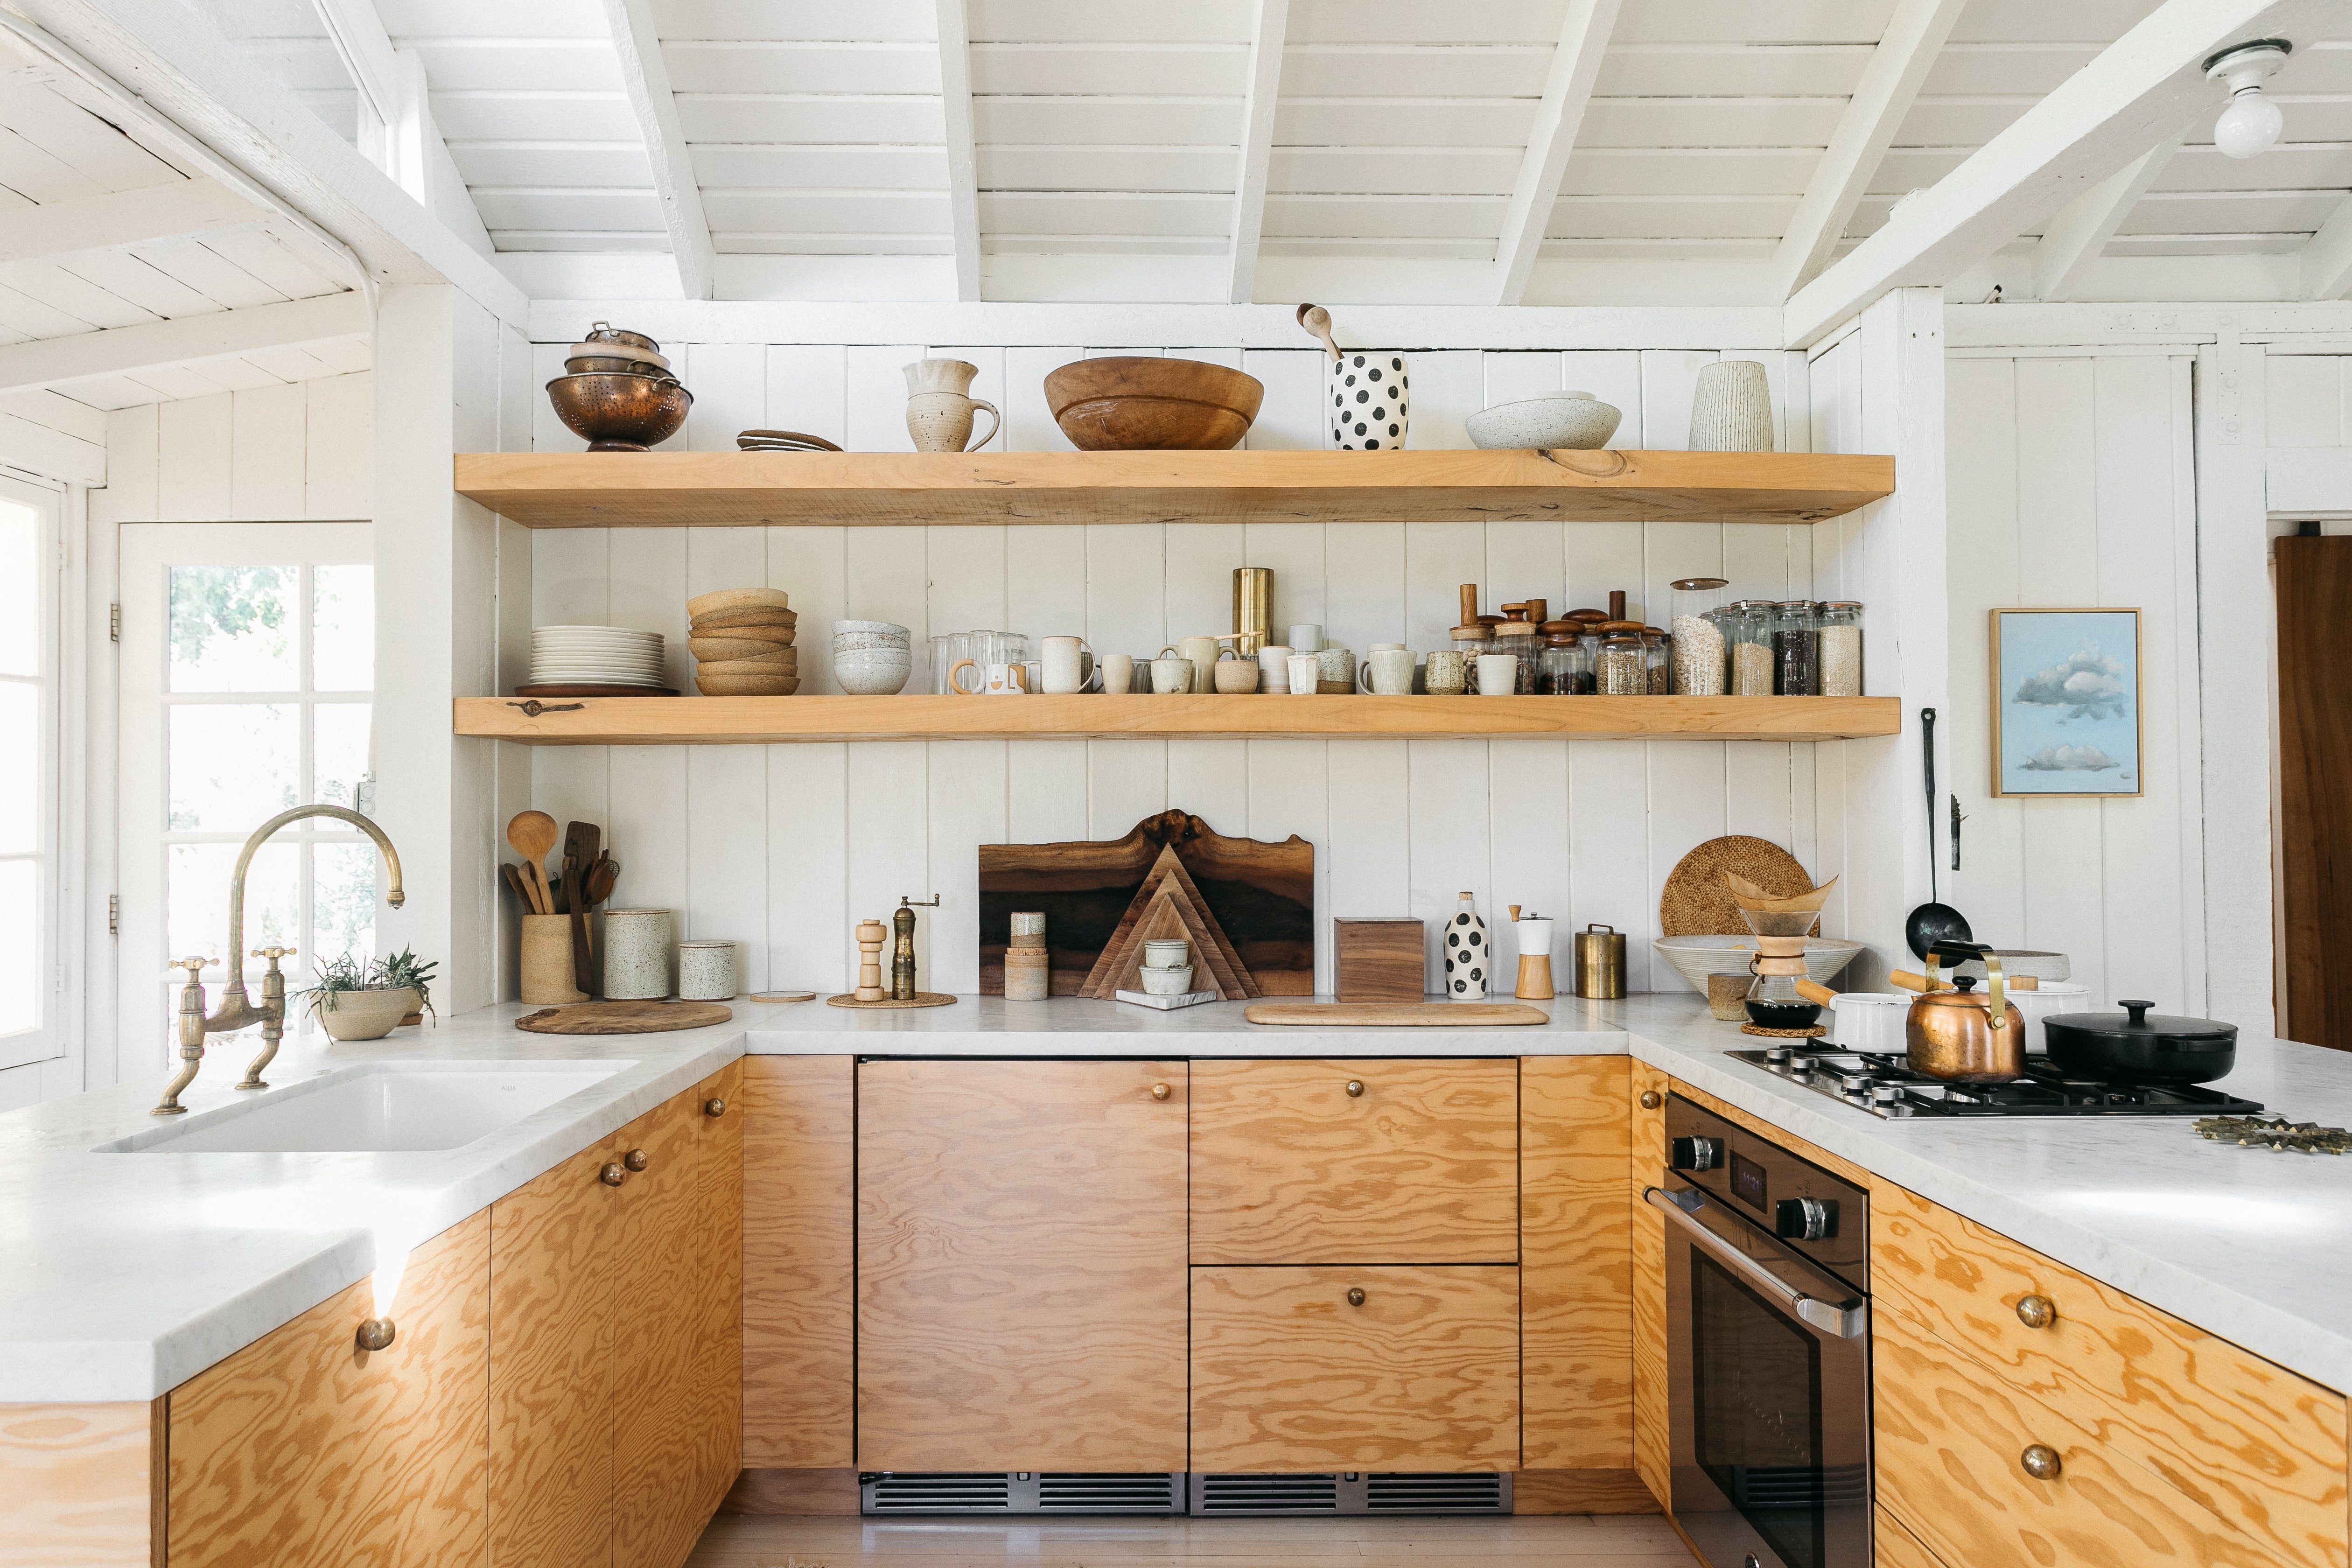 U shaped plywood kitchen